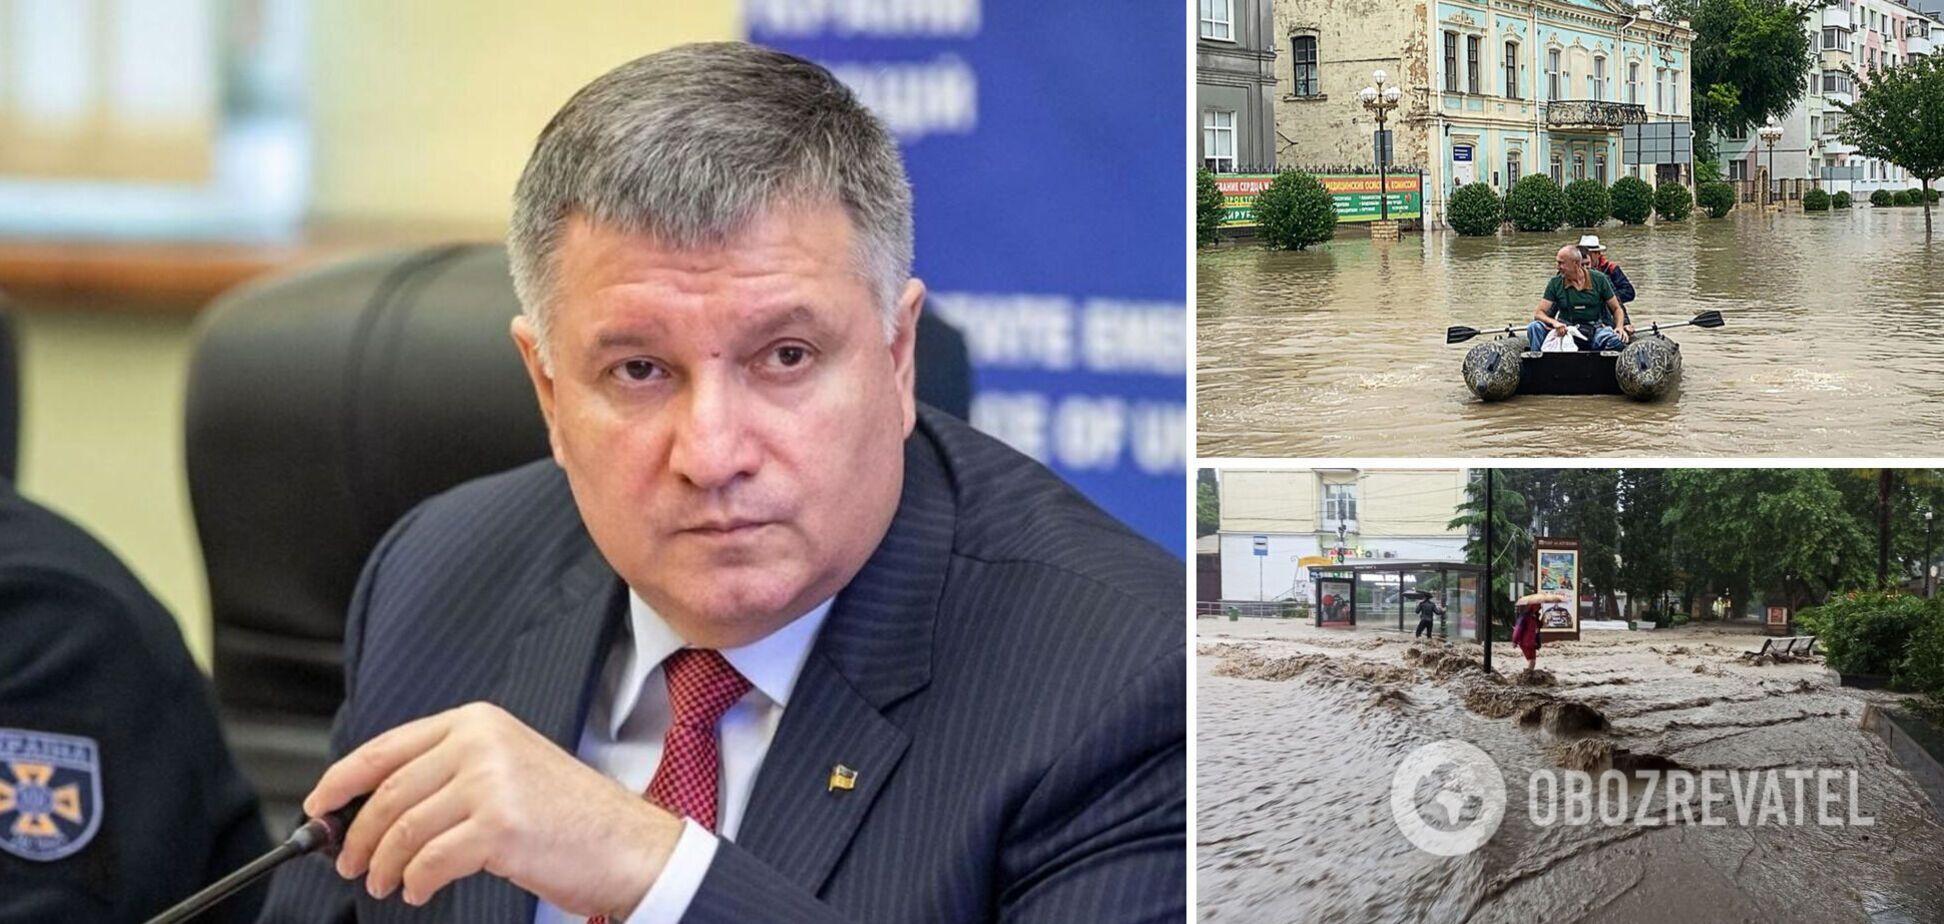 Аваков – про повінь в Ялті та Керчі: Аксьонови та інші путіноїди пройдуть, шкода нашого красеня Криму